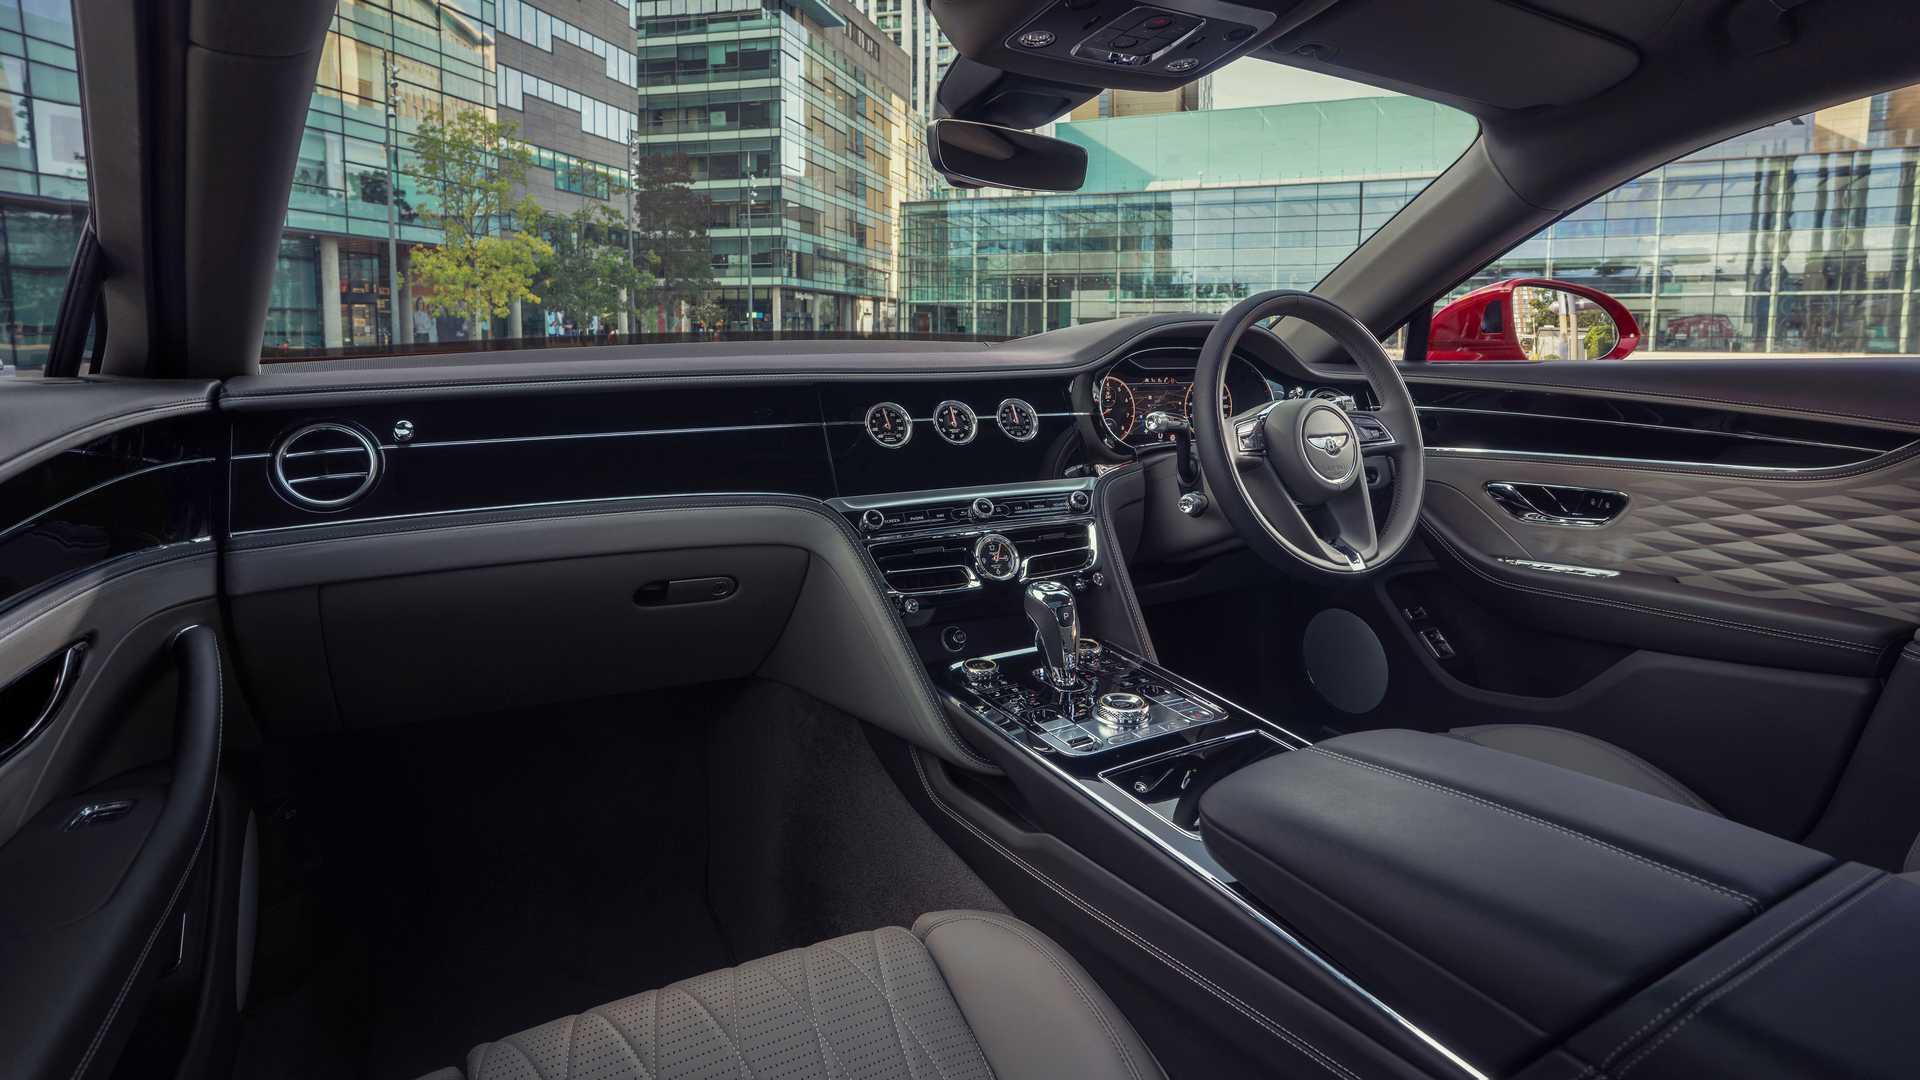 全新宾利飞驰V8官图正式发布 2020年底前开始交付